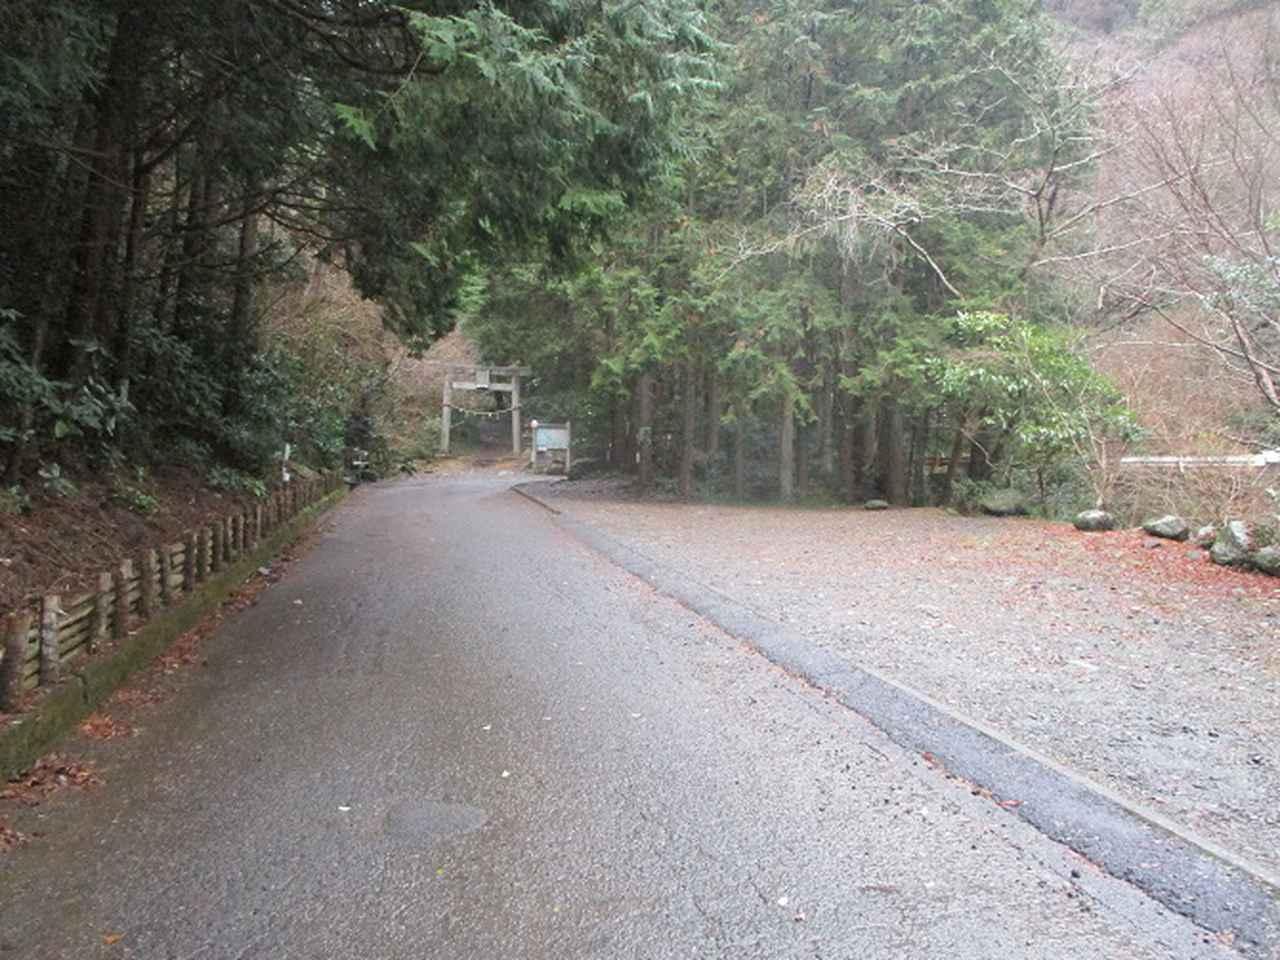 画像1: 来年冬の企画素材を探して静岡県の山を歩いてみました!